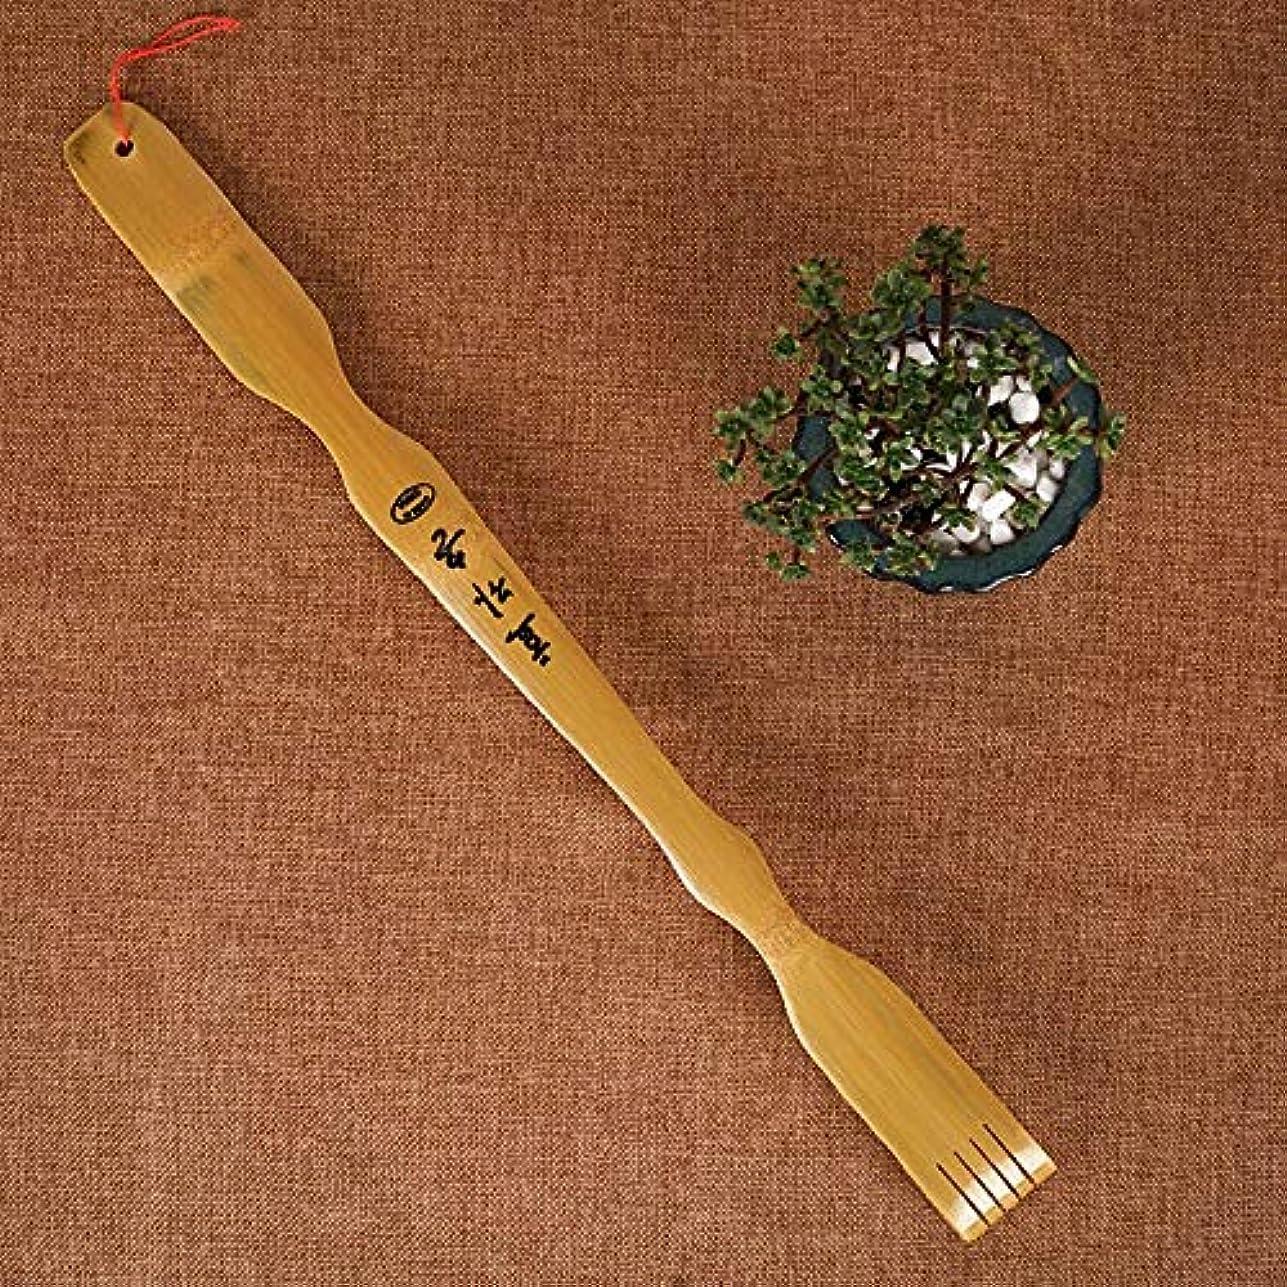 自分の力ですべてをするバウンドやりがいのあるRuby背中掻きブラシ 竹製 まごのて 敬老の日 プレゼント高人気 背中かゆみを止め マッサージ用